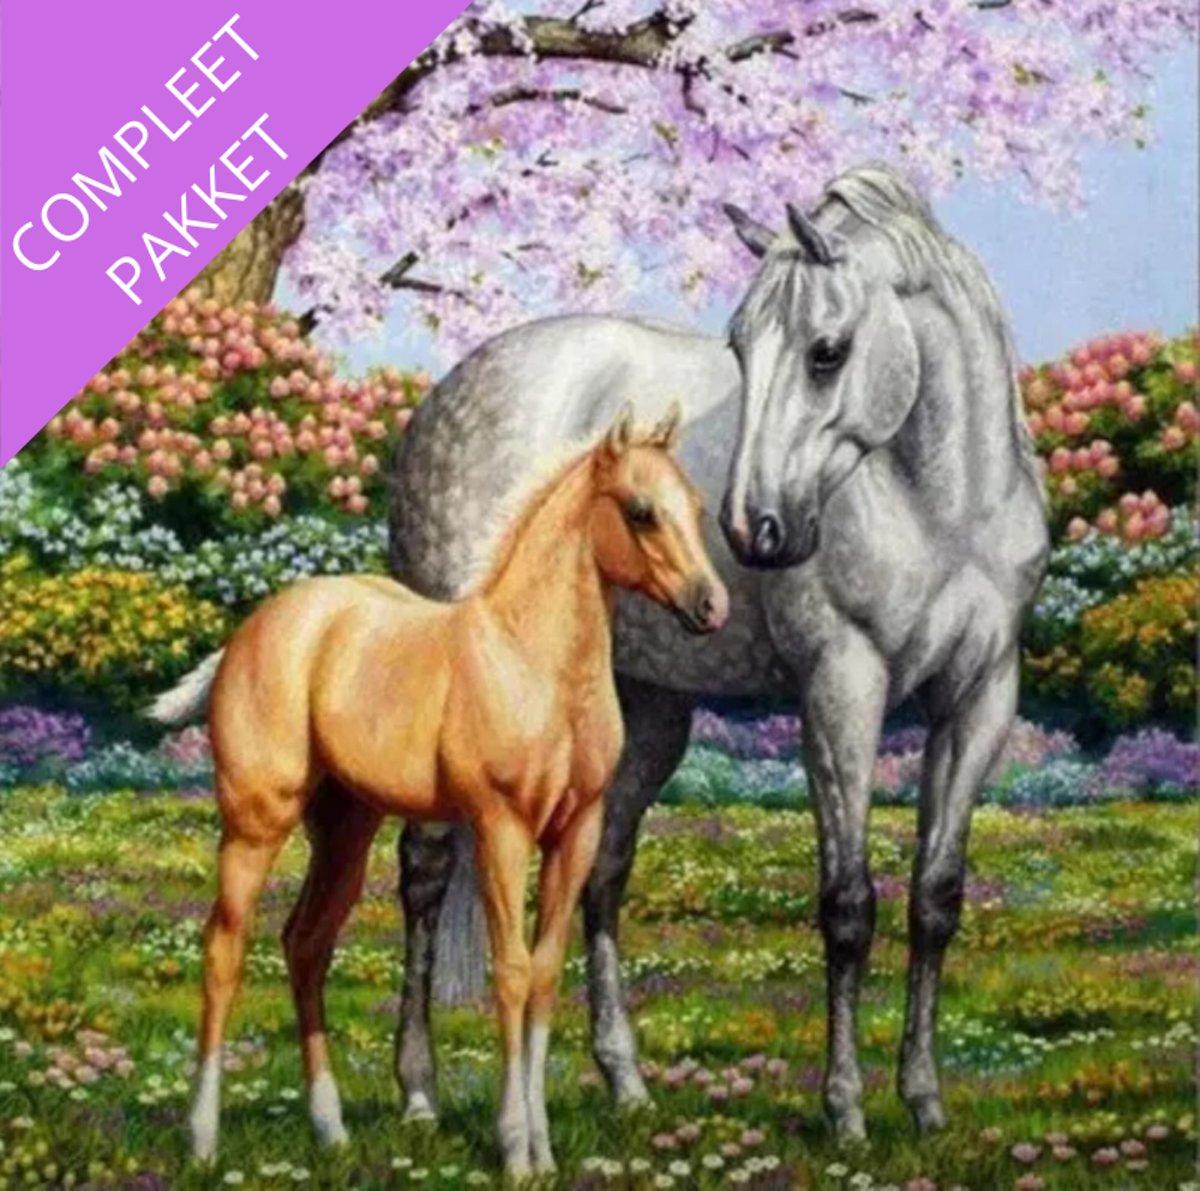 Afbeelding van product LACOM  Diamond Painting Paarden - Pakket voor Volwassen en Kinderen - Volledige Diamont Painting inclusief Assecoires